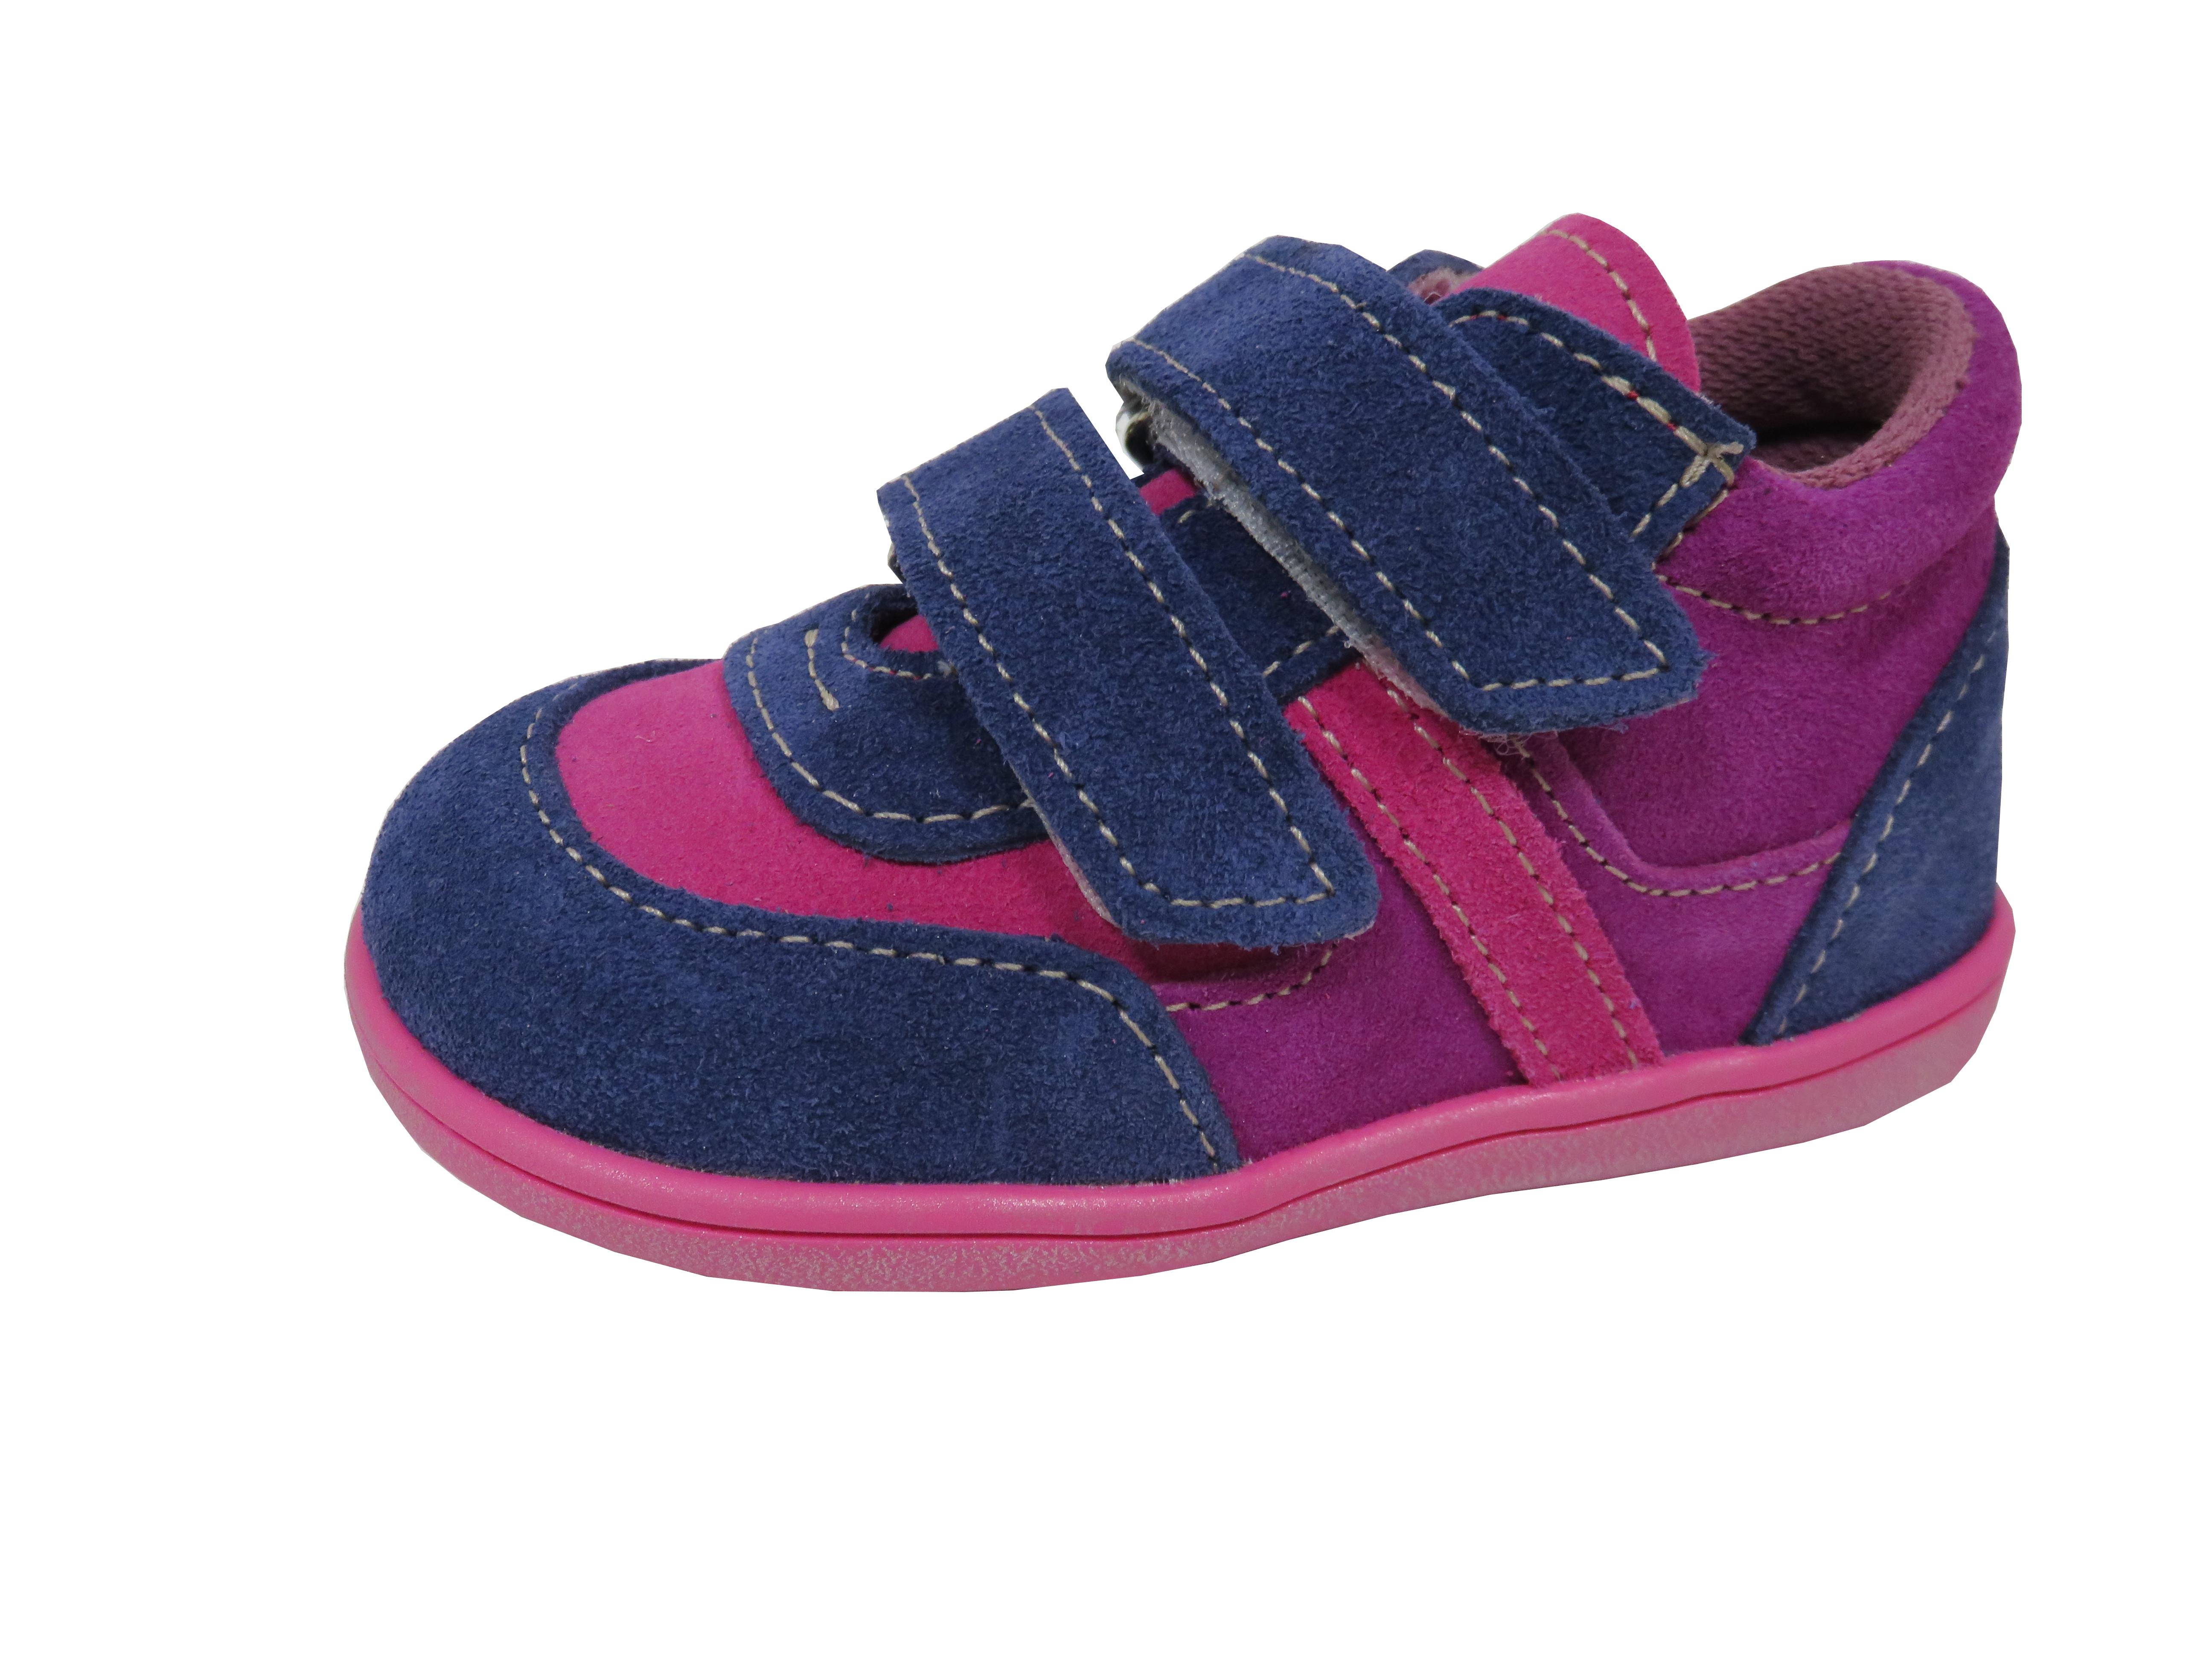 1c6581dea4c Jonap dětské celoroční boty light velcro růžovo-modré